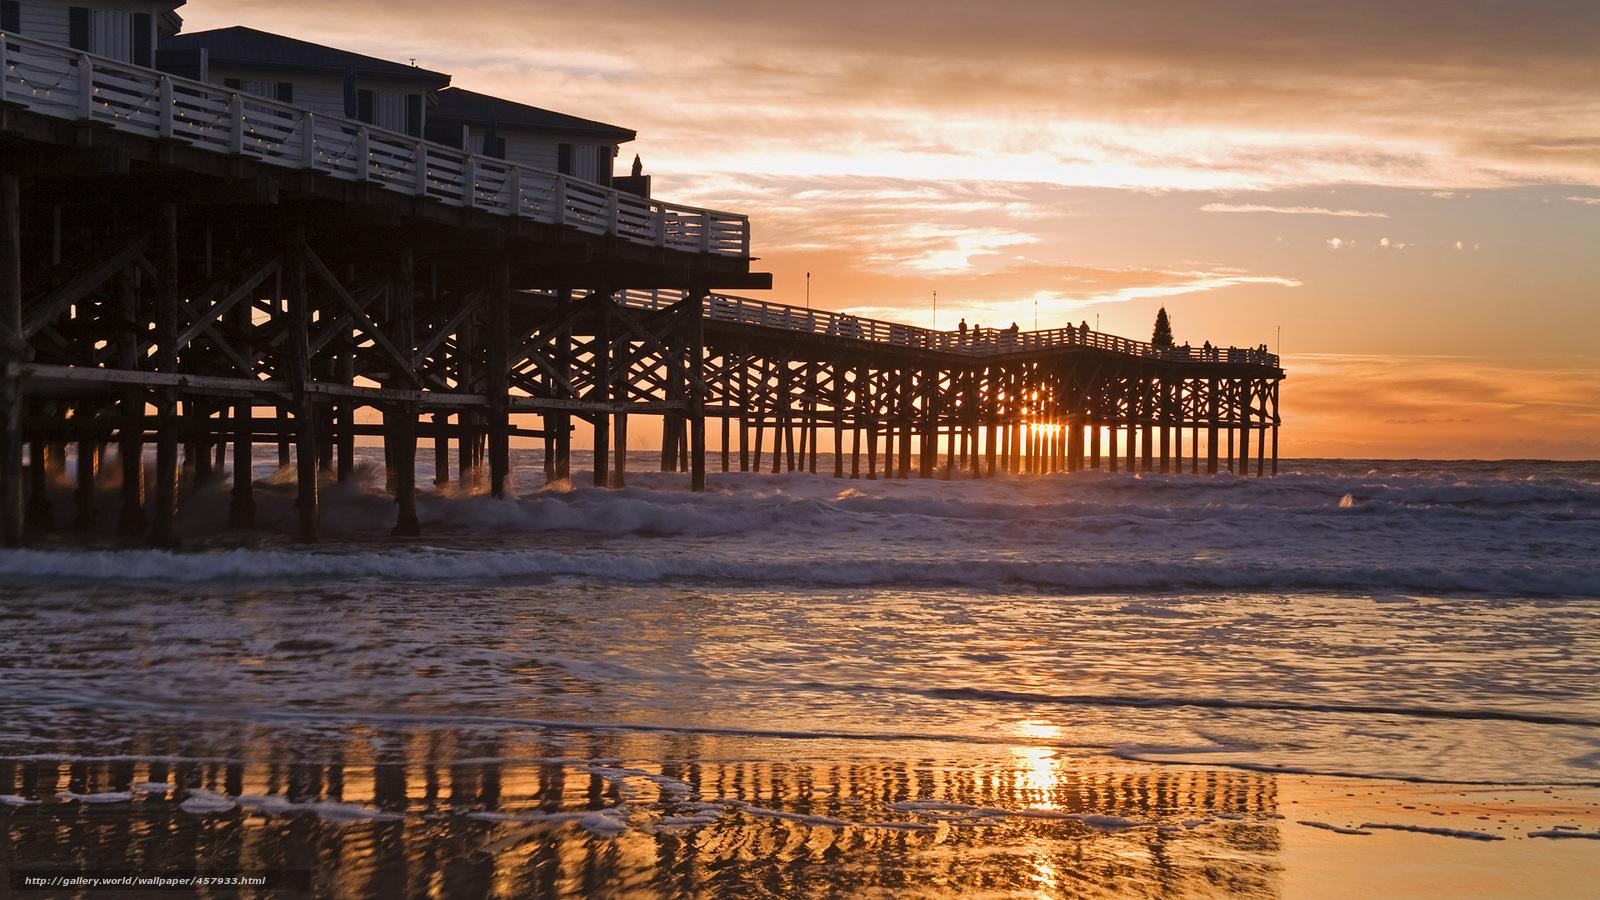 wallpaper pier california beach San Diego desktop wallpaper 1600x900